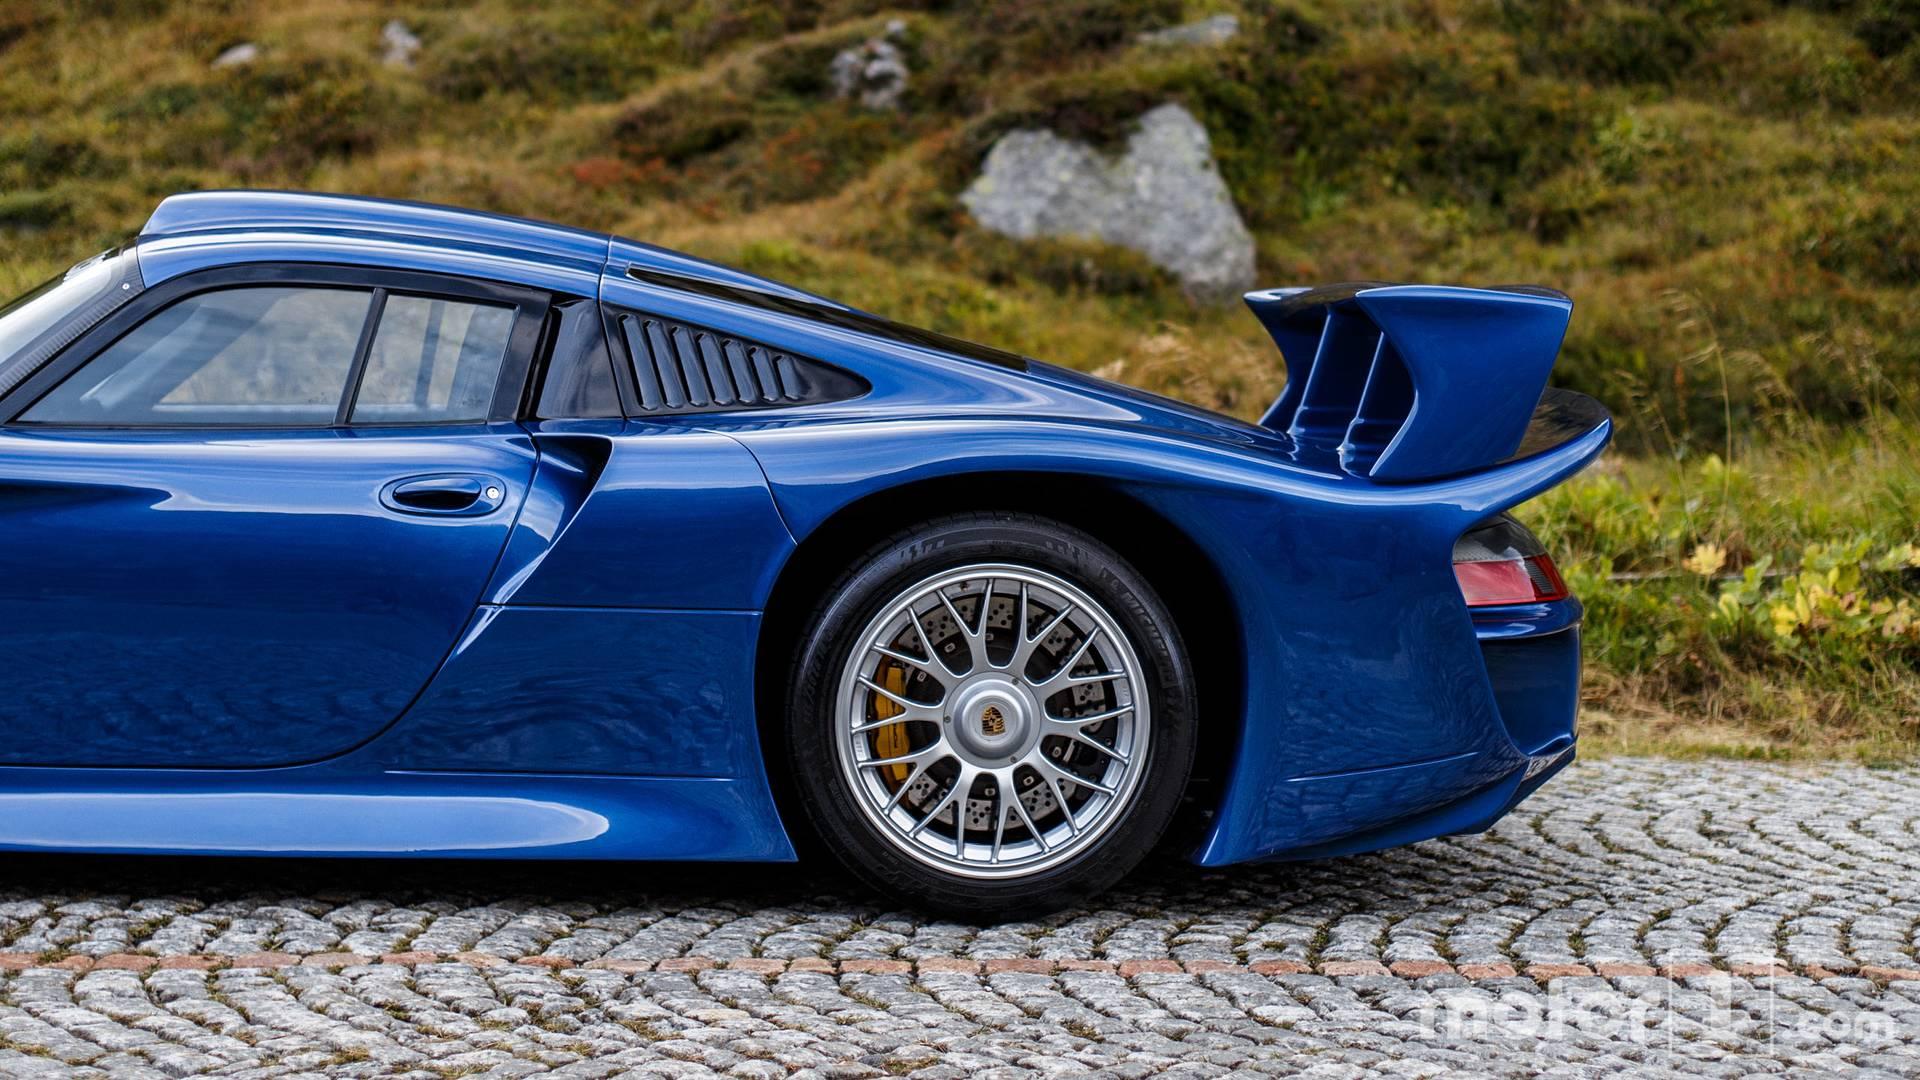 kvc-porsche-911-gt1 Breathtaking Tamiya Porsche 911 Gt1 Full View Cars Trend